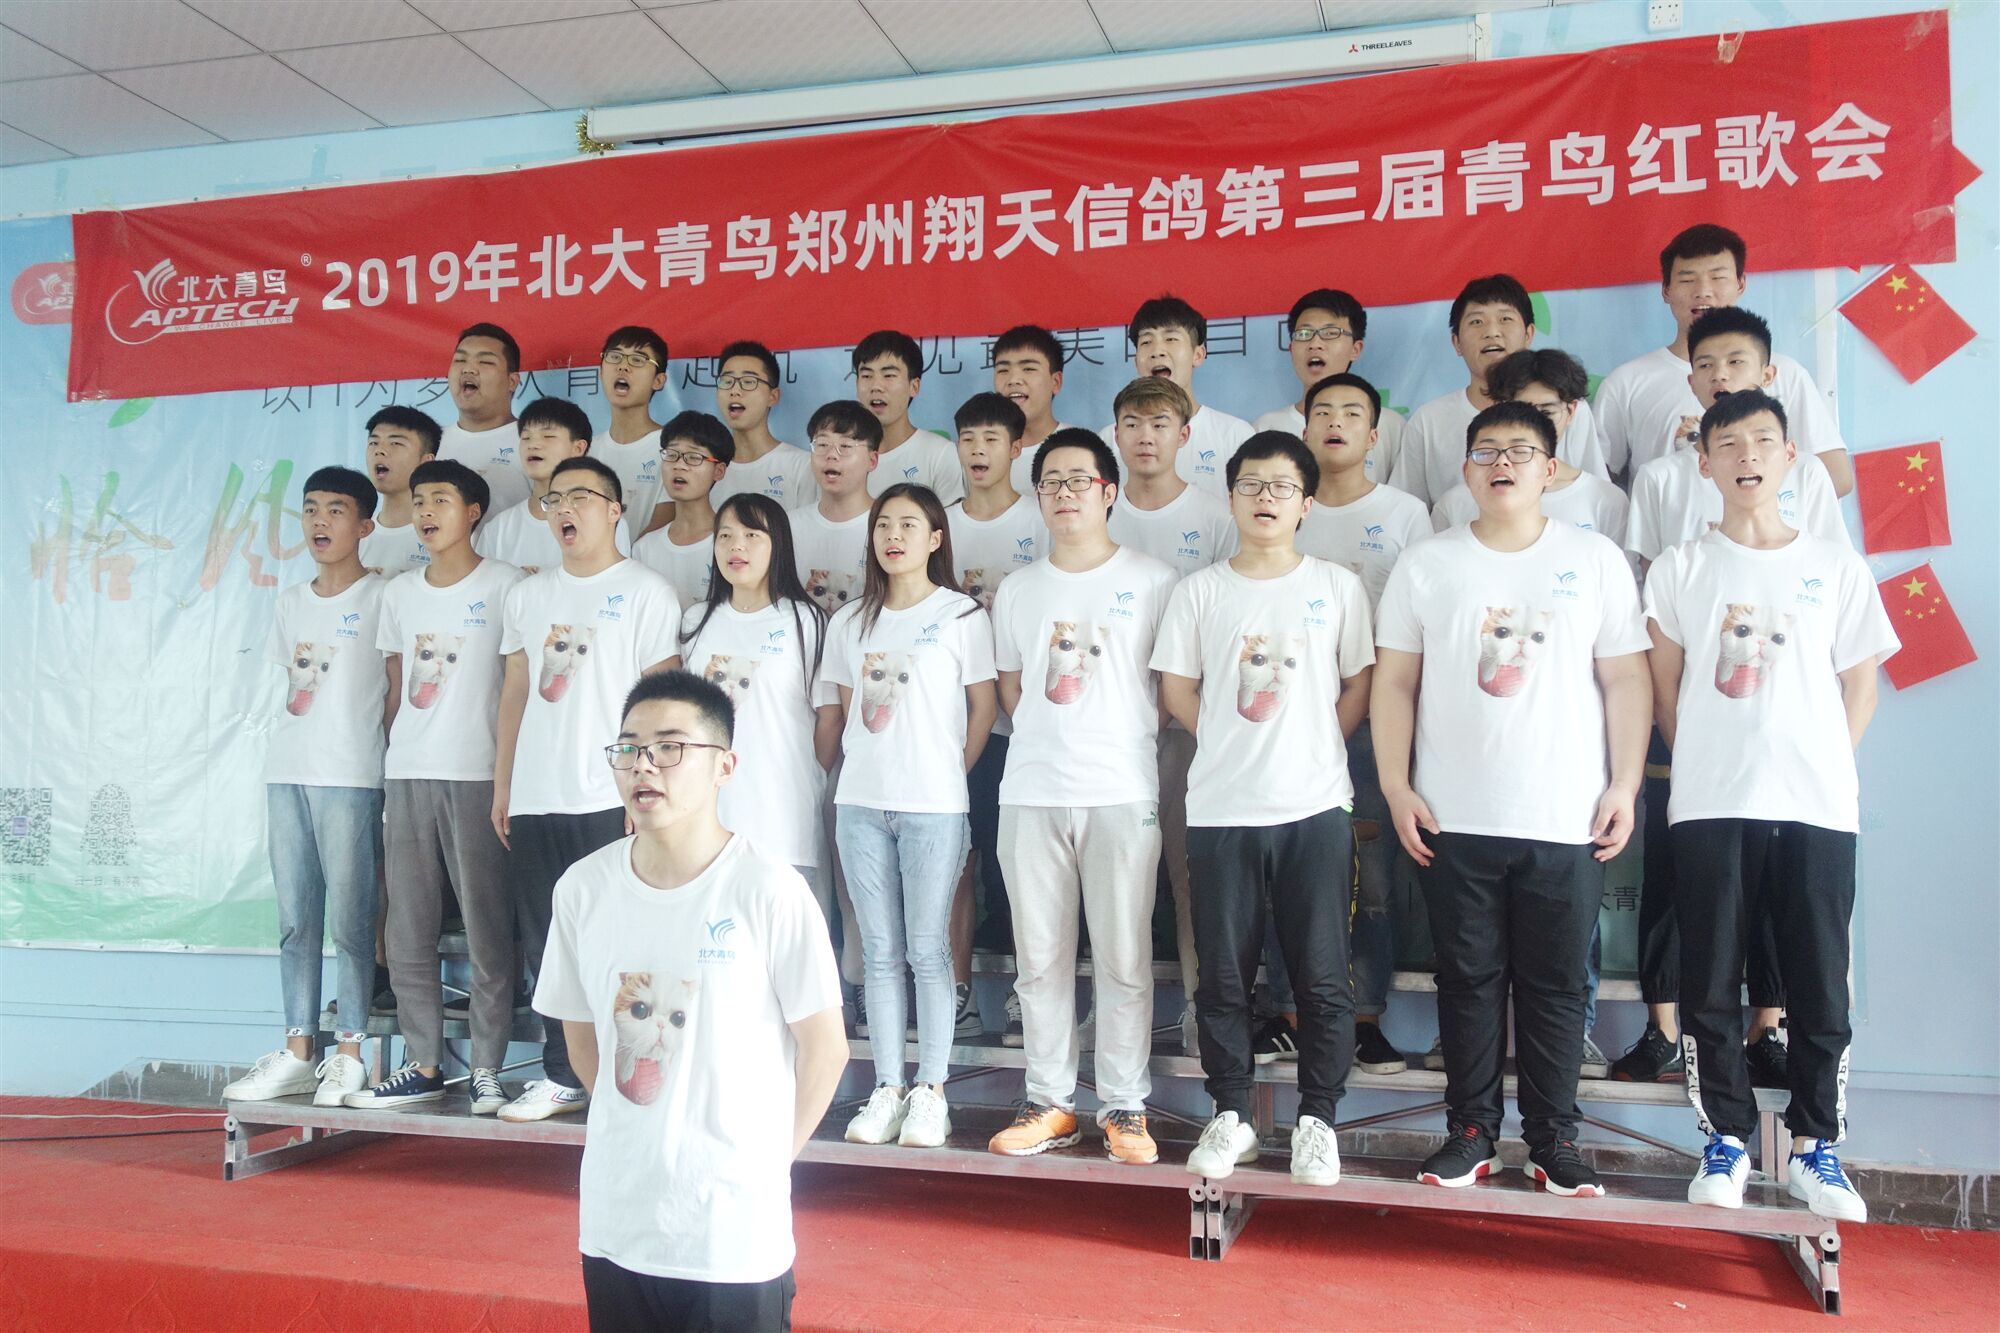 北大青鸟郑州翔天信鸽校区红歌会